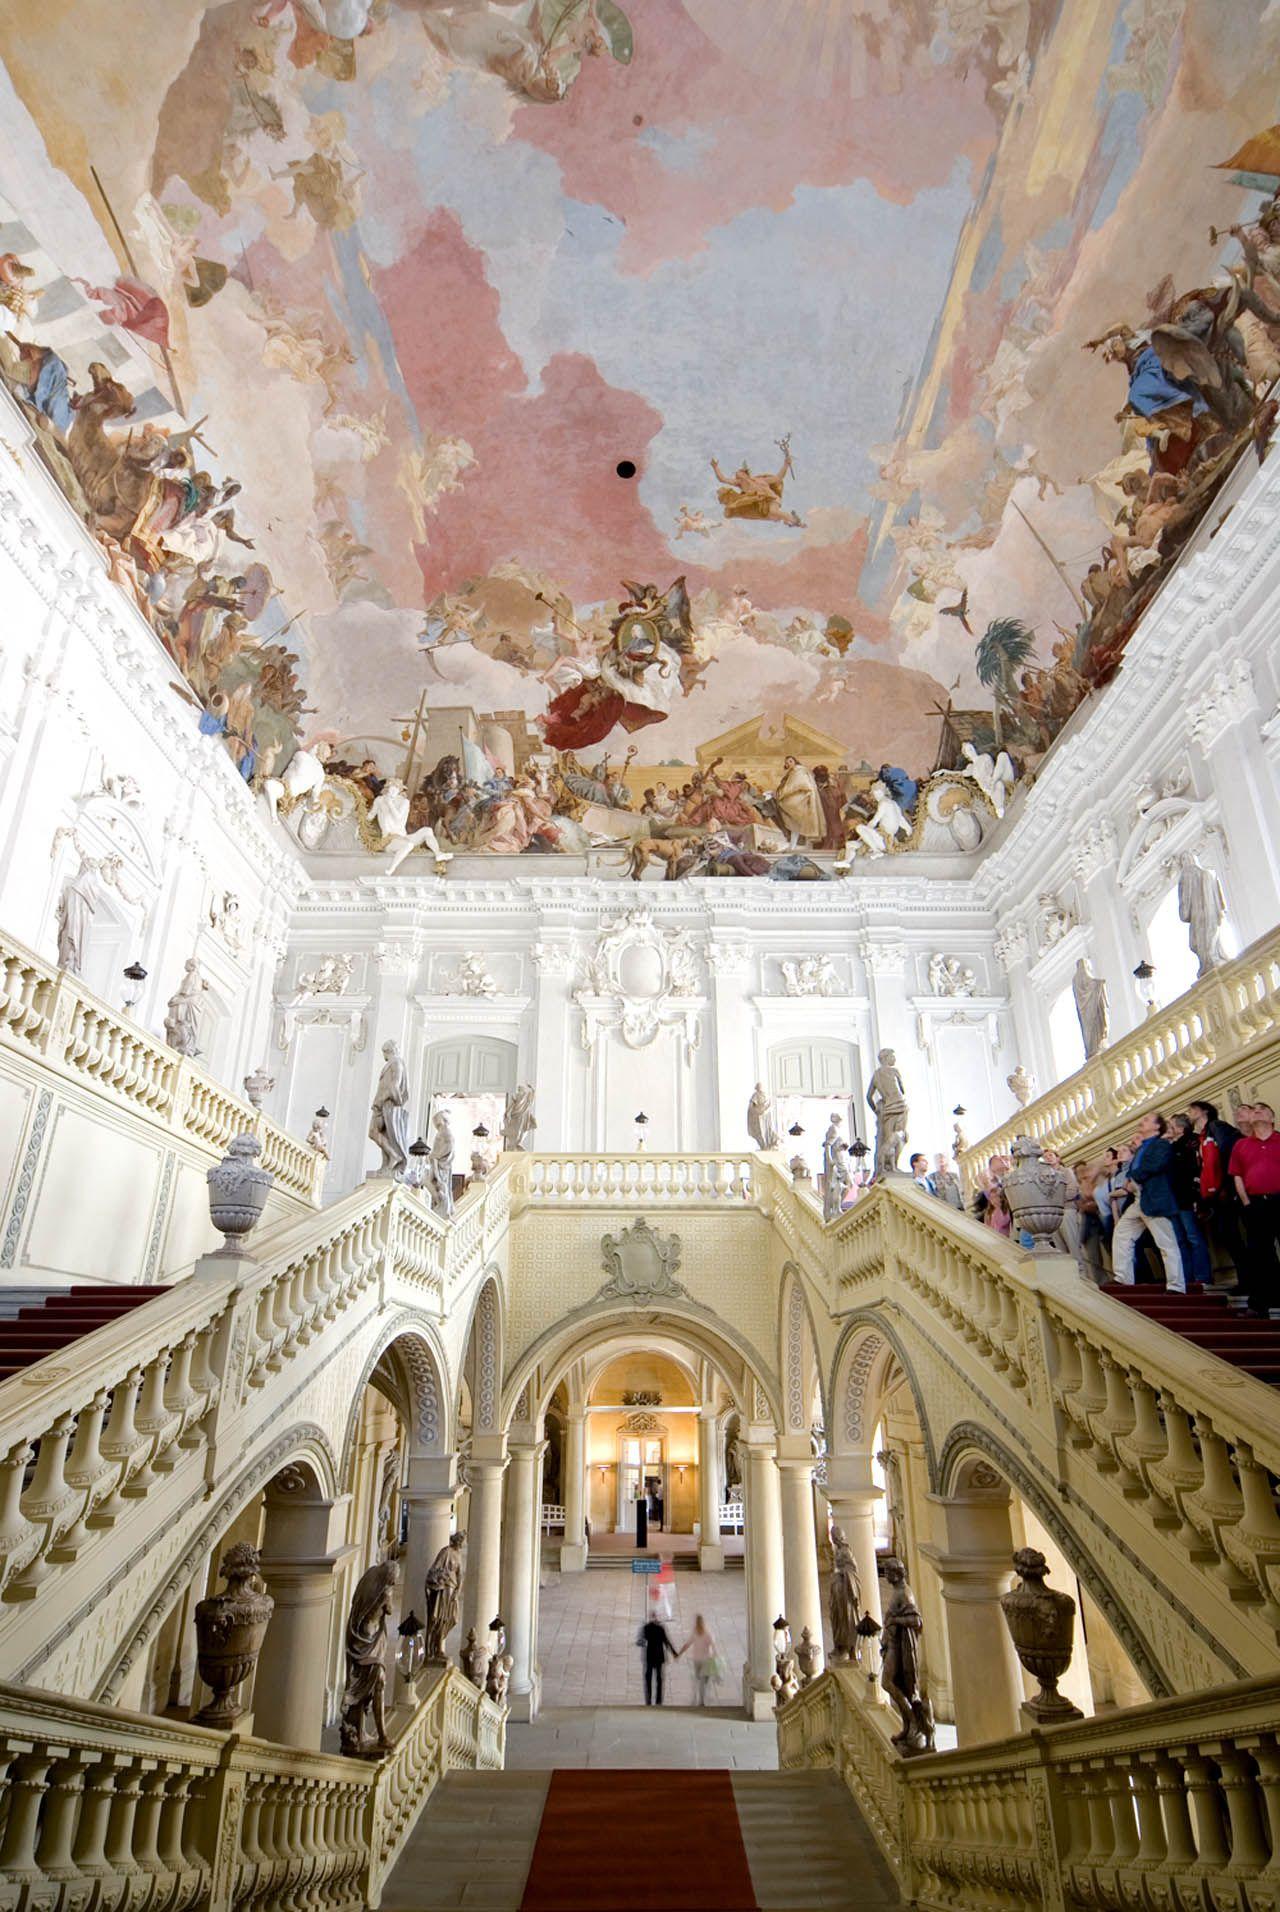 Ceiling Fresco By Tiepolo In The Residenz Palace C Dzt Bayerische Verwaltung Der Staatlichen Schlosser Garten Und Seen Ernst W Wurzburg Travel Germany Palaces